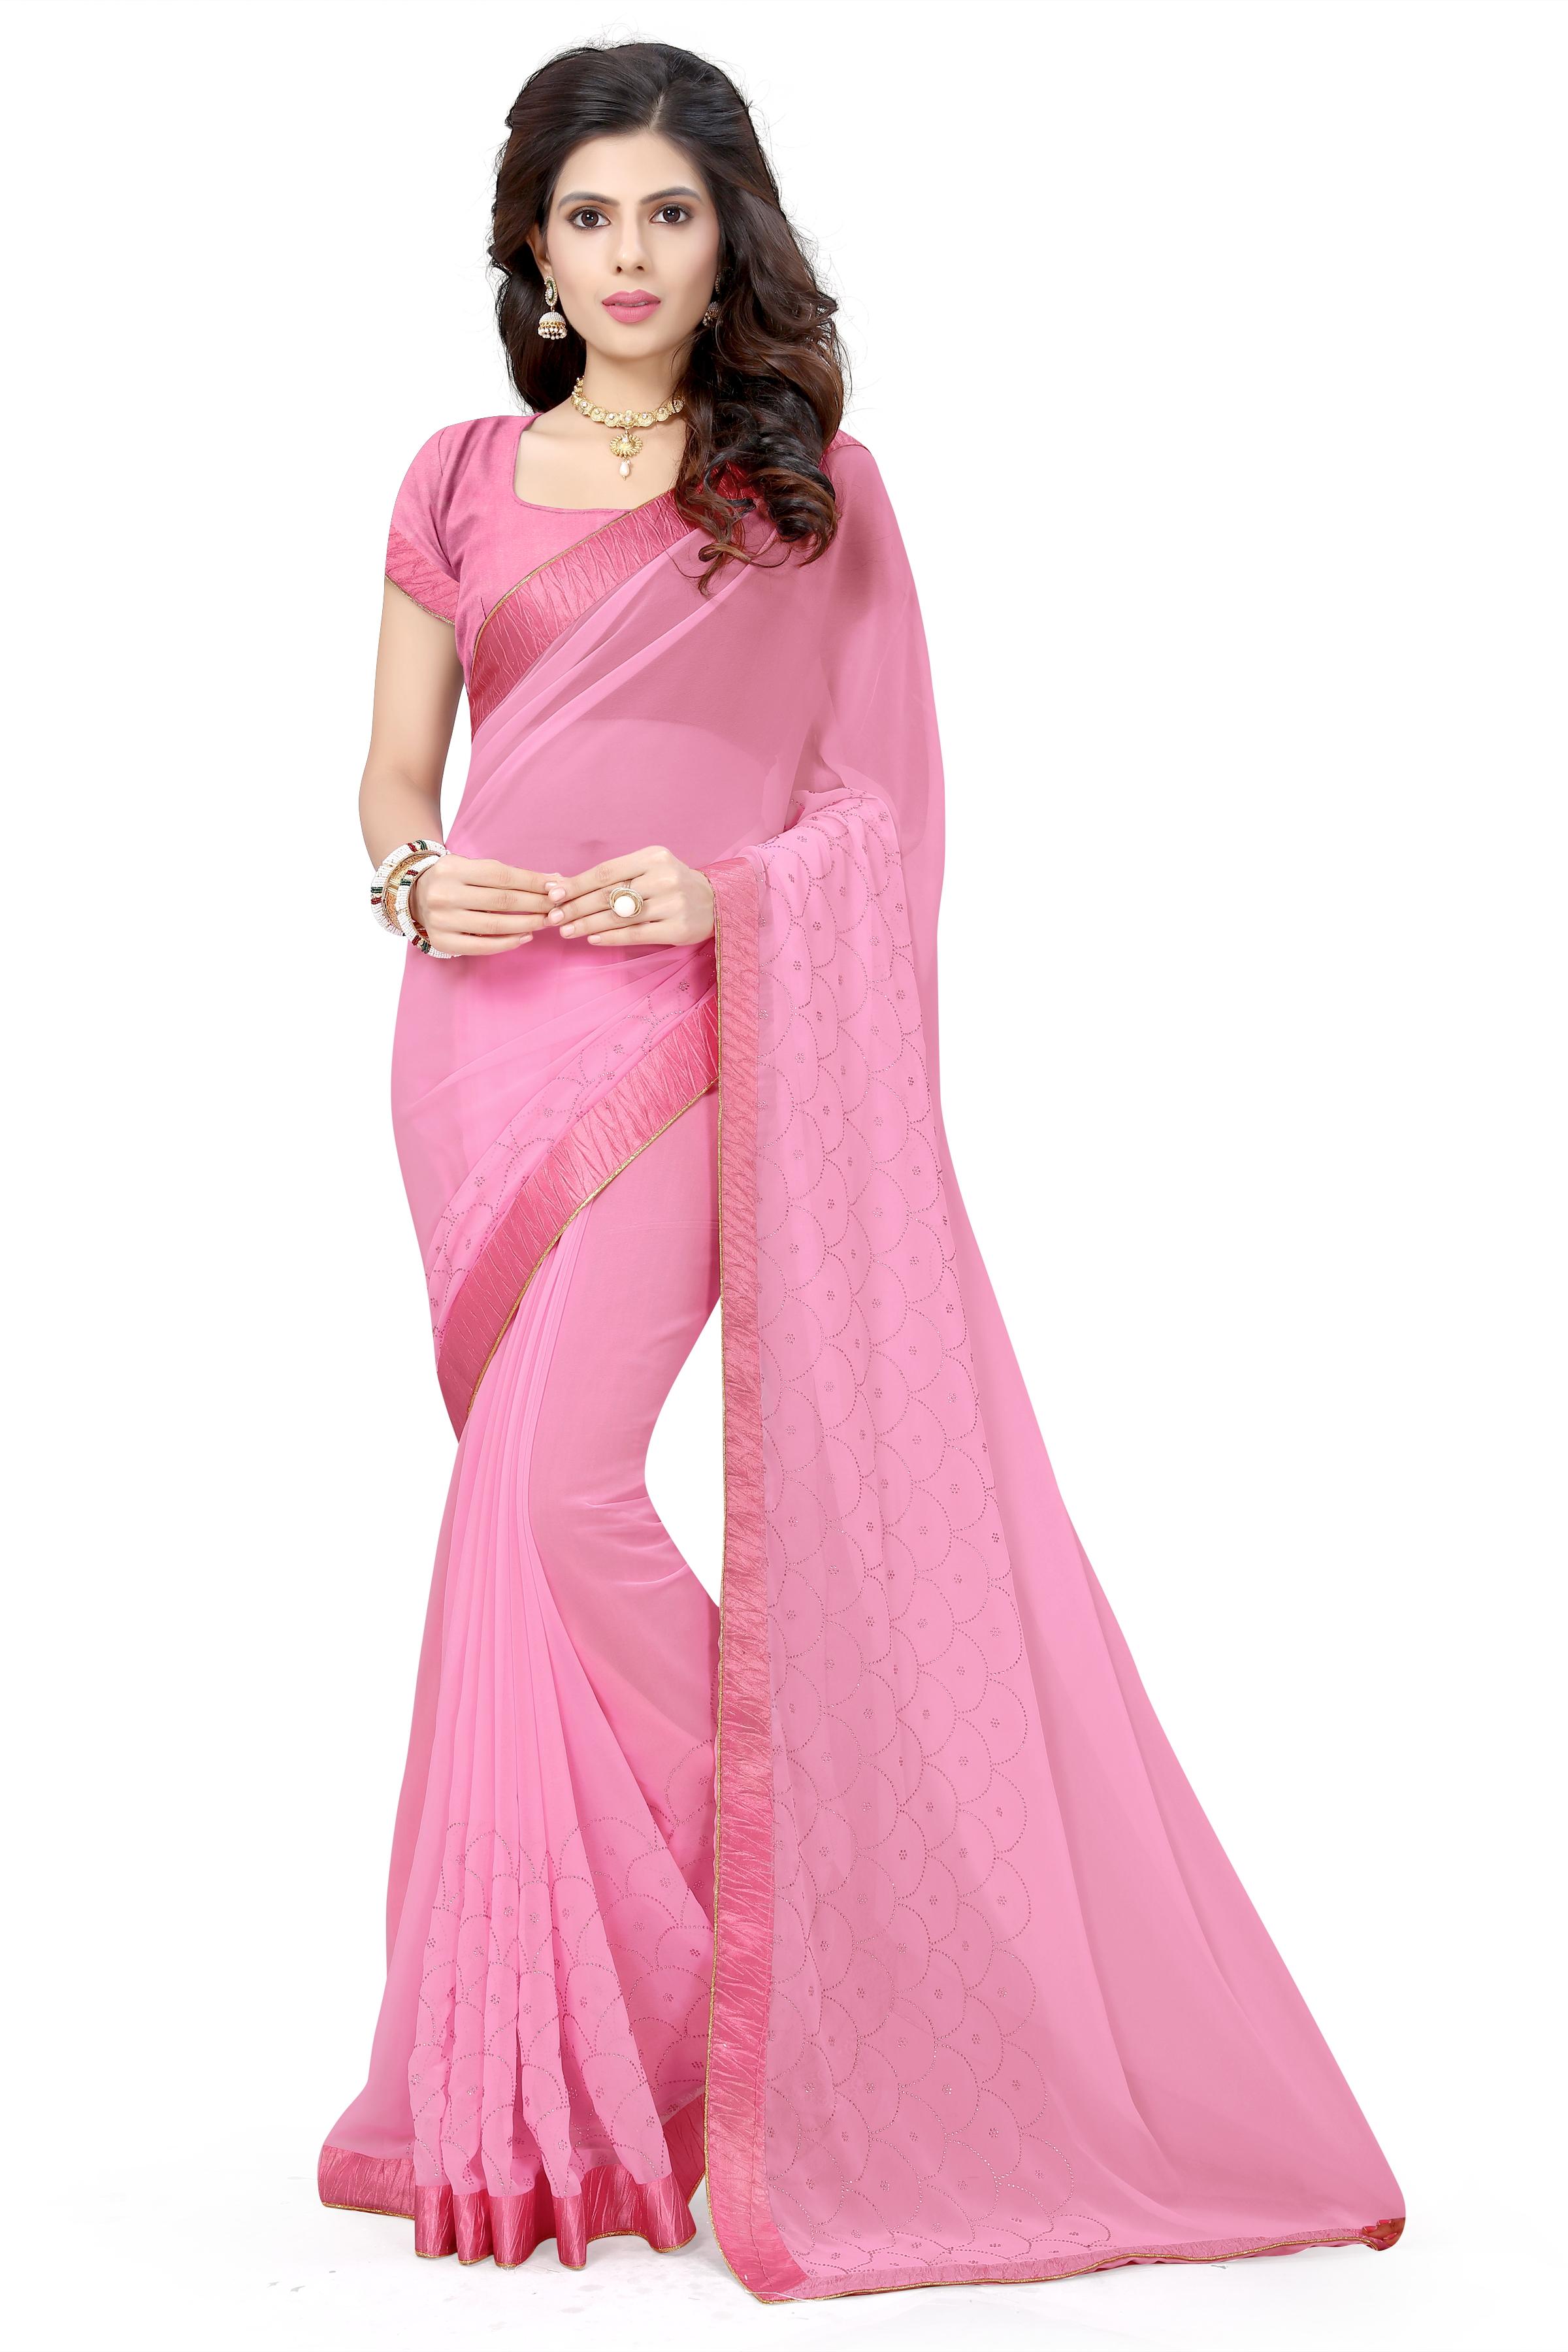 08ecc8b3d32c0e Baby pink plain georgette saree with blouse - RIVA ENTERPRISE - 2510989